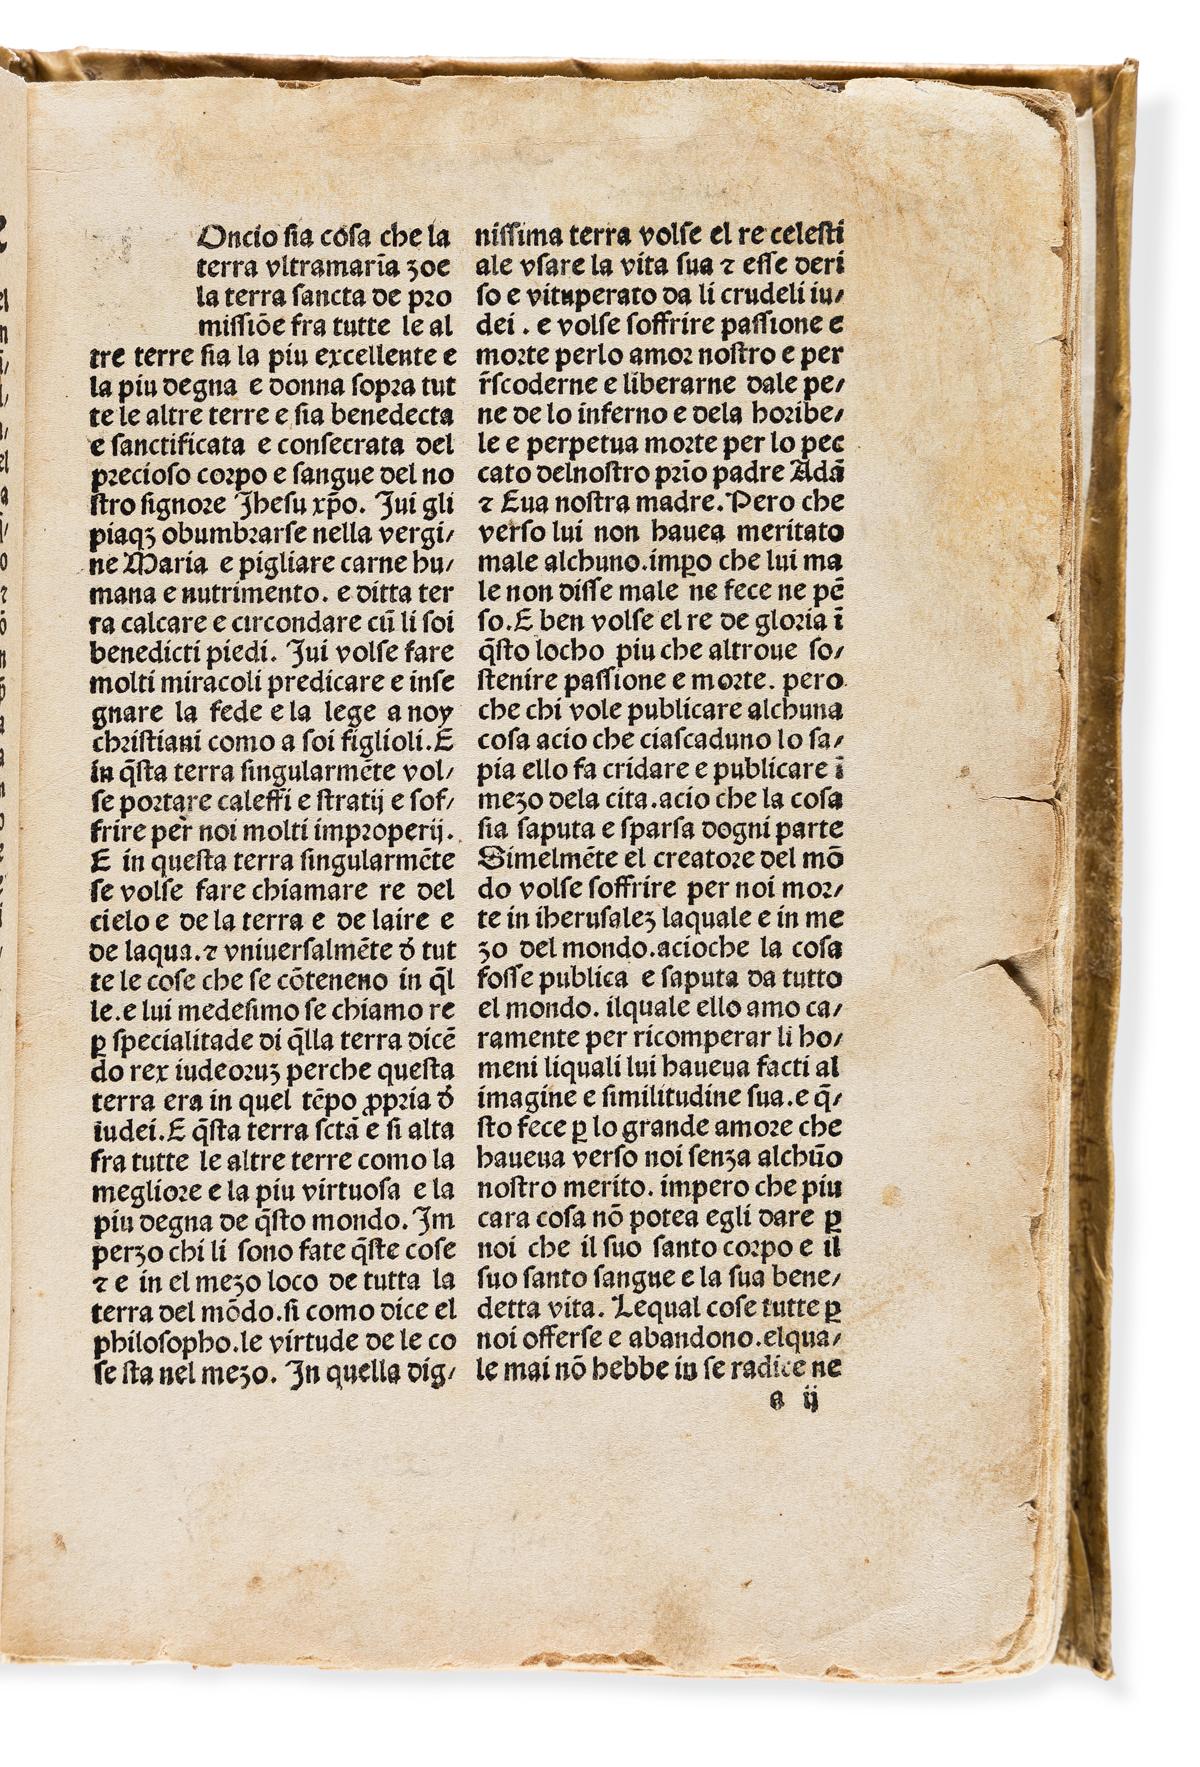 Mandeville, Jean de (fl. circa 1350-1370) Itinerarius [Italian] Tractato delle Piu Maravegliose Cosse.